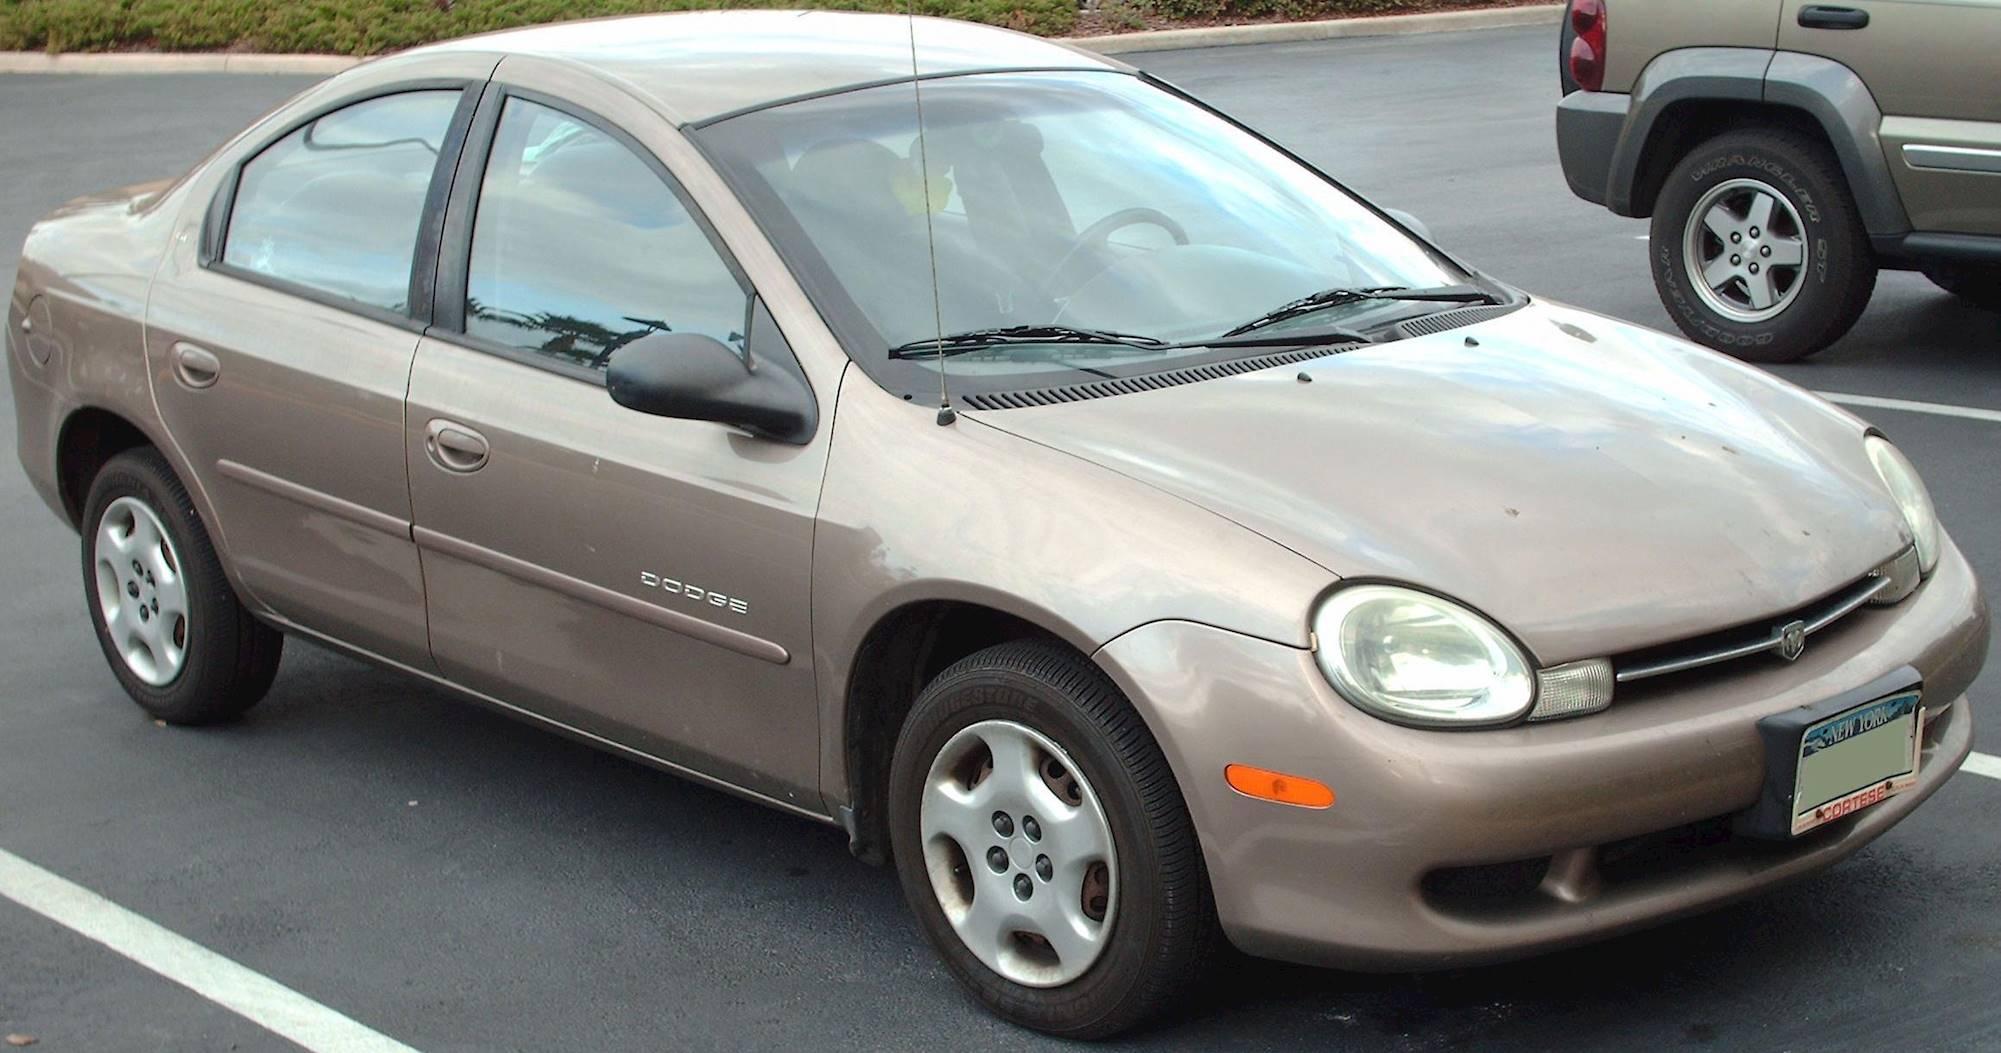 Segunda generación de Neon, año 2000